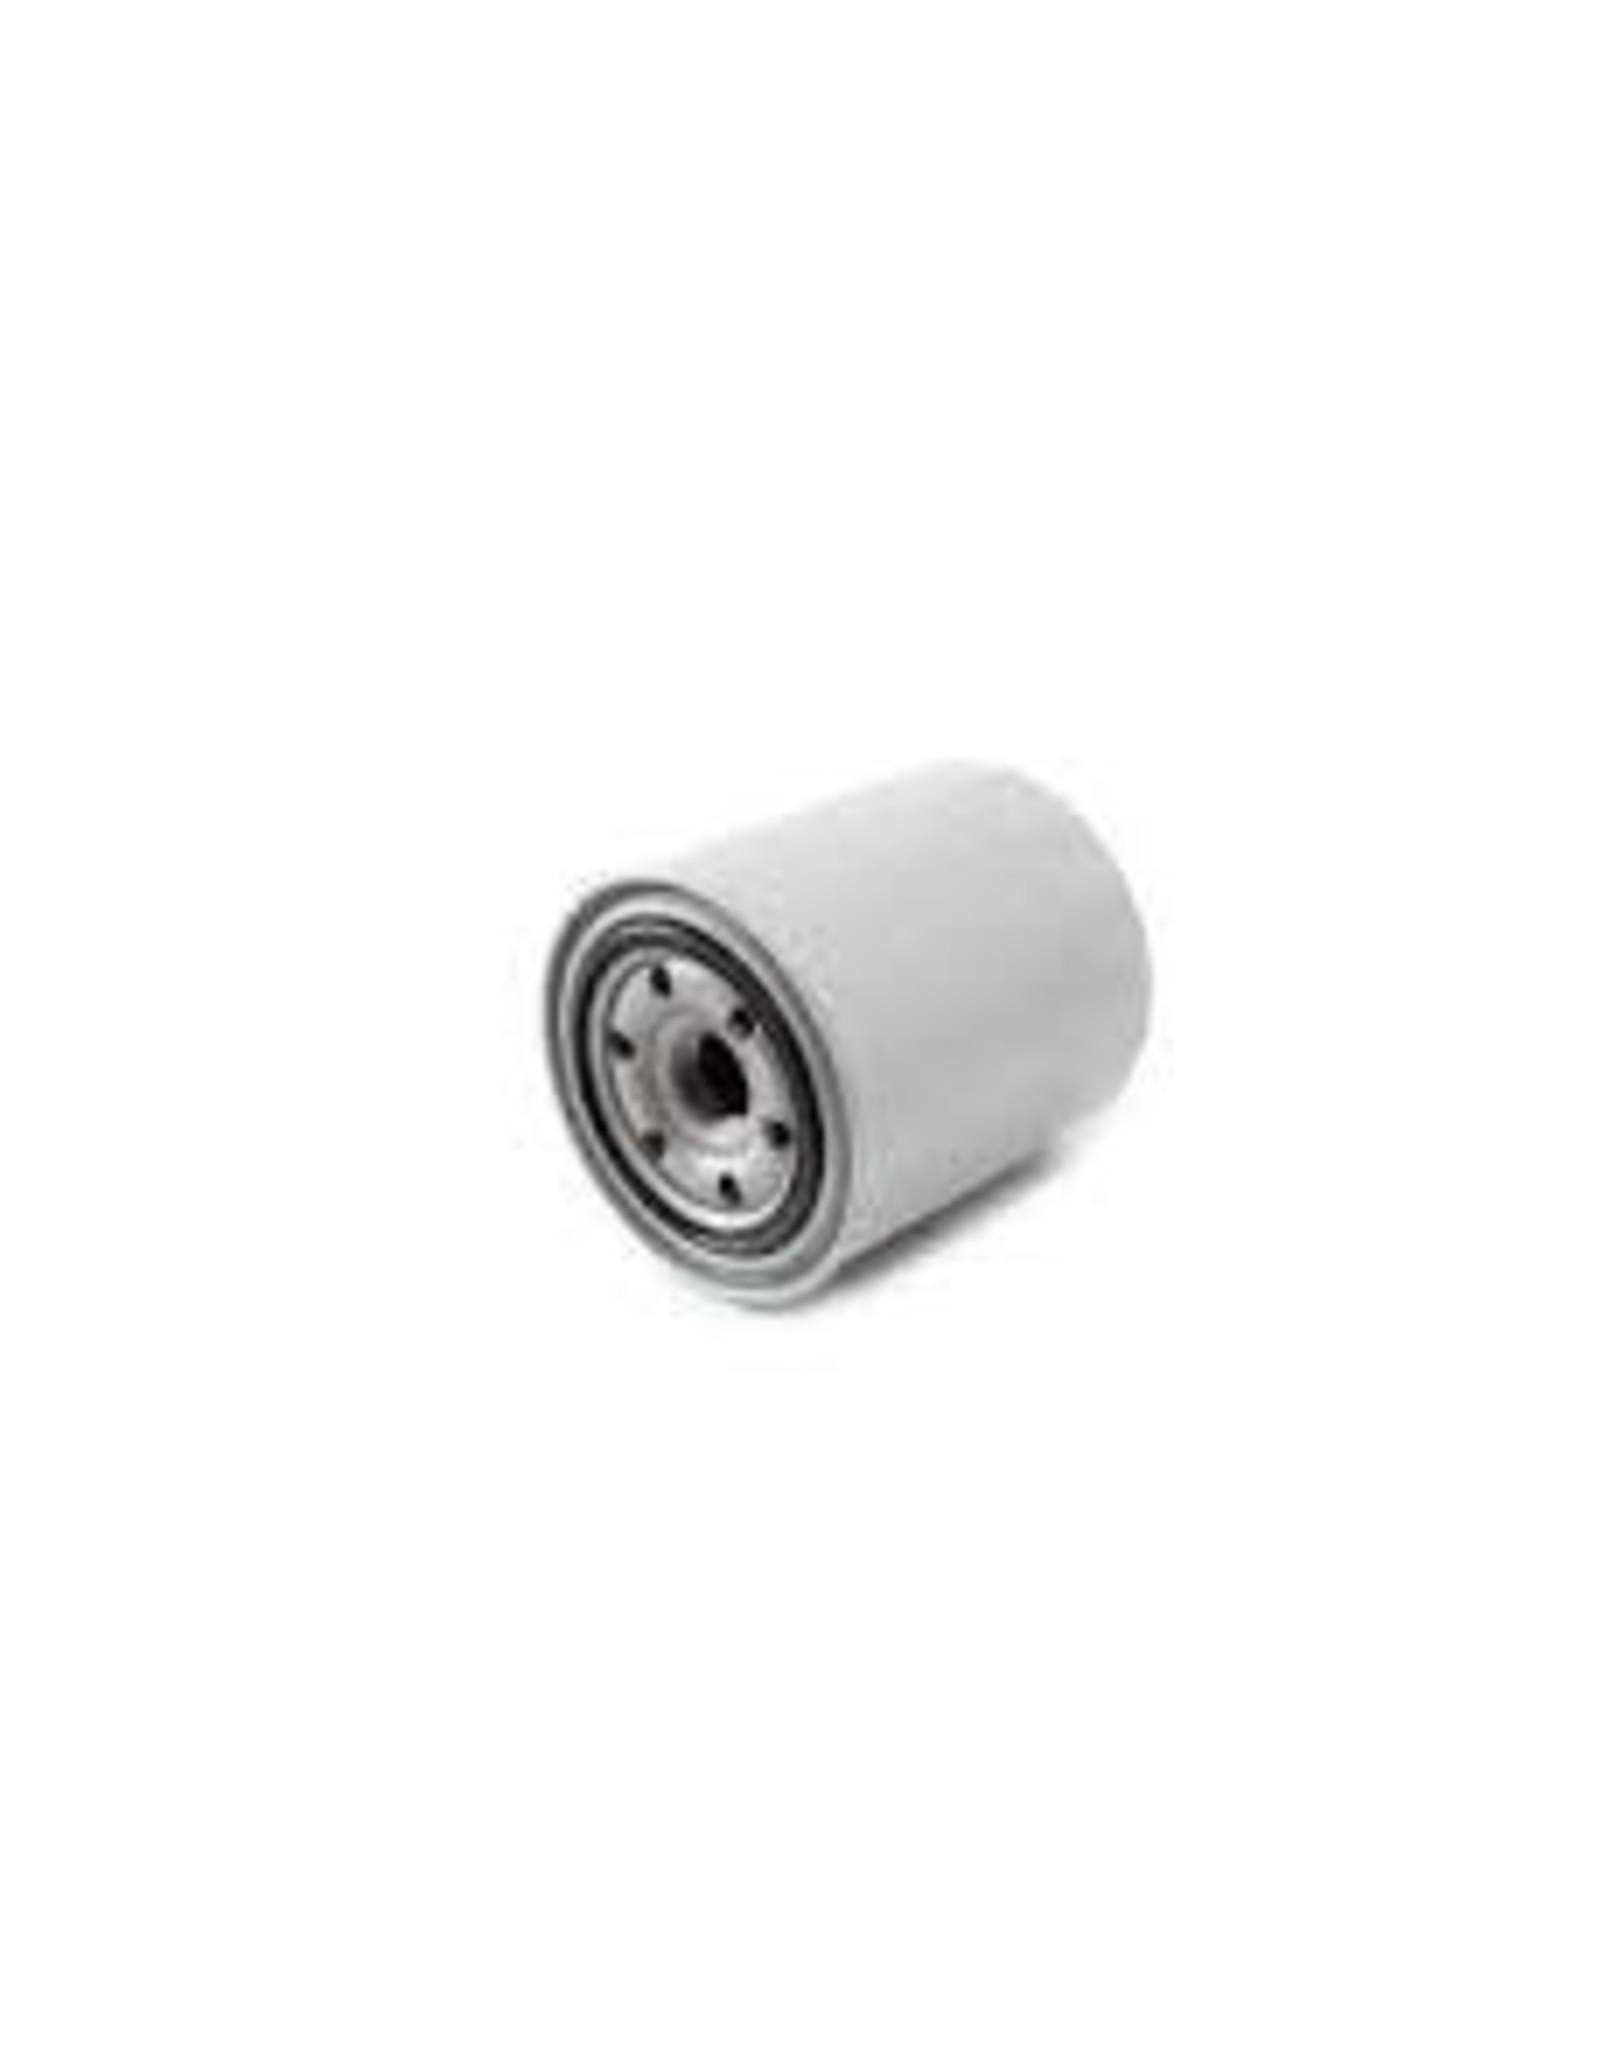 Graco 451-220 Hydraulic Filter